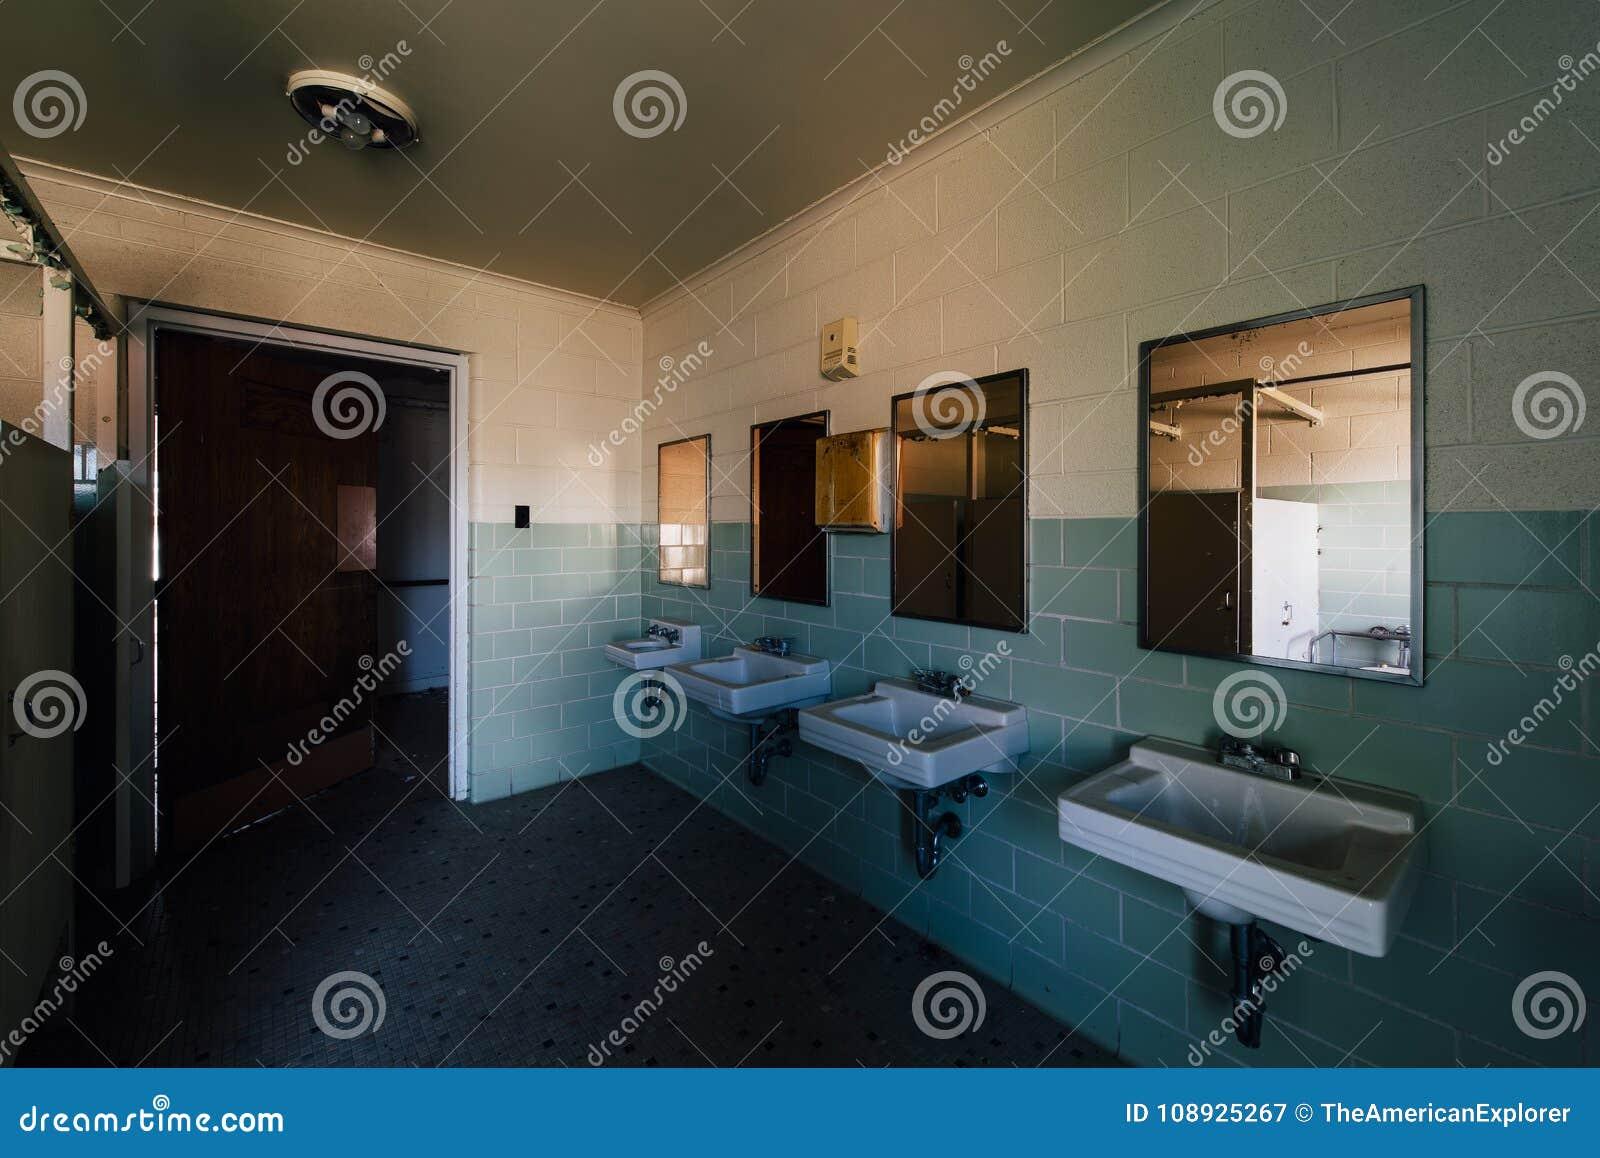 Vintage Bathroom with Sinks & Mirrors - Abandoned Sweet Springs - West Virginia